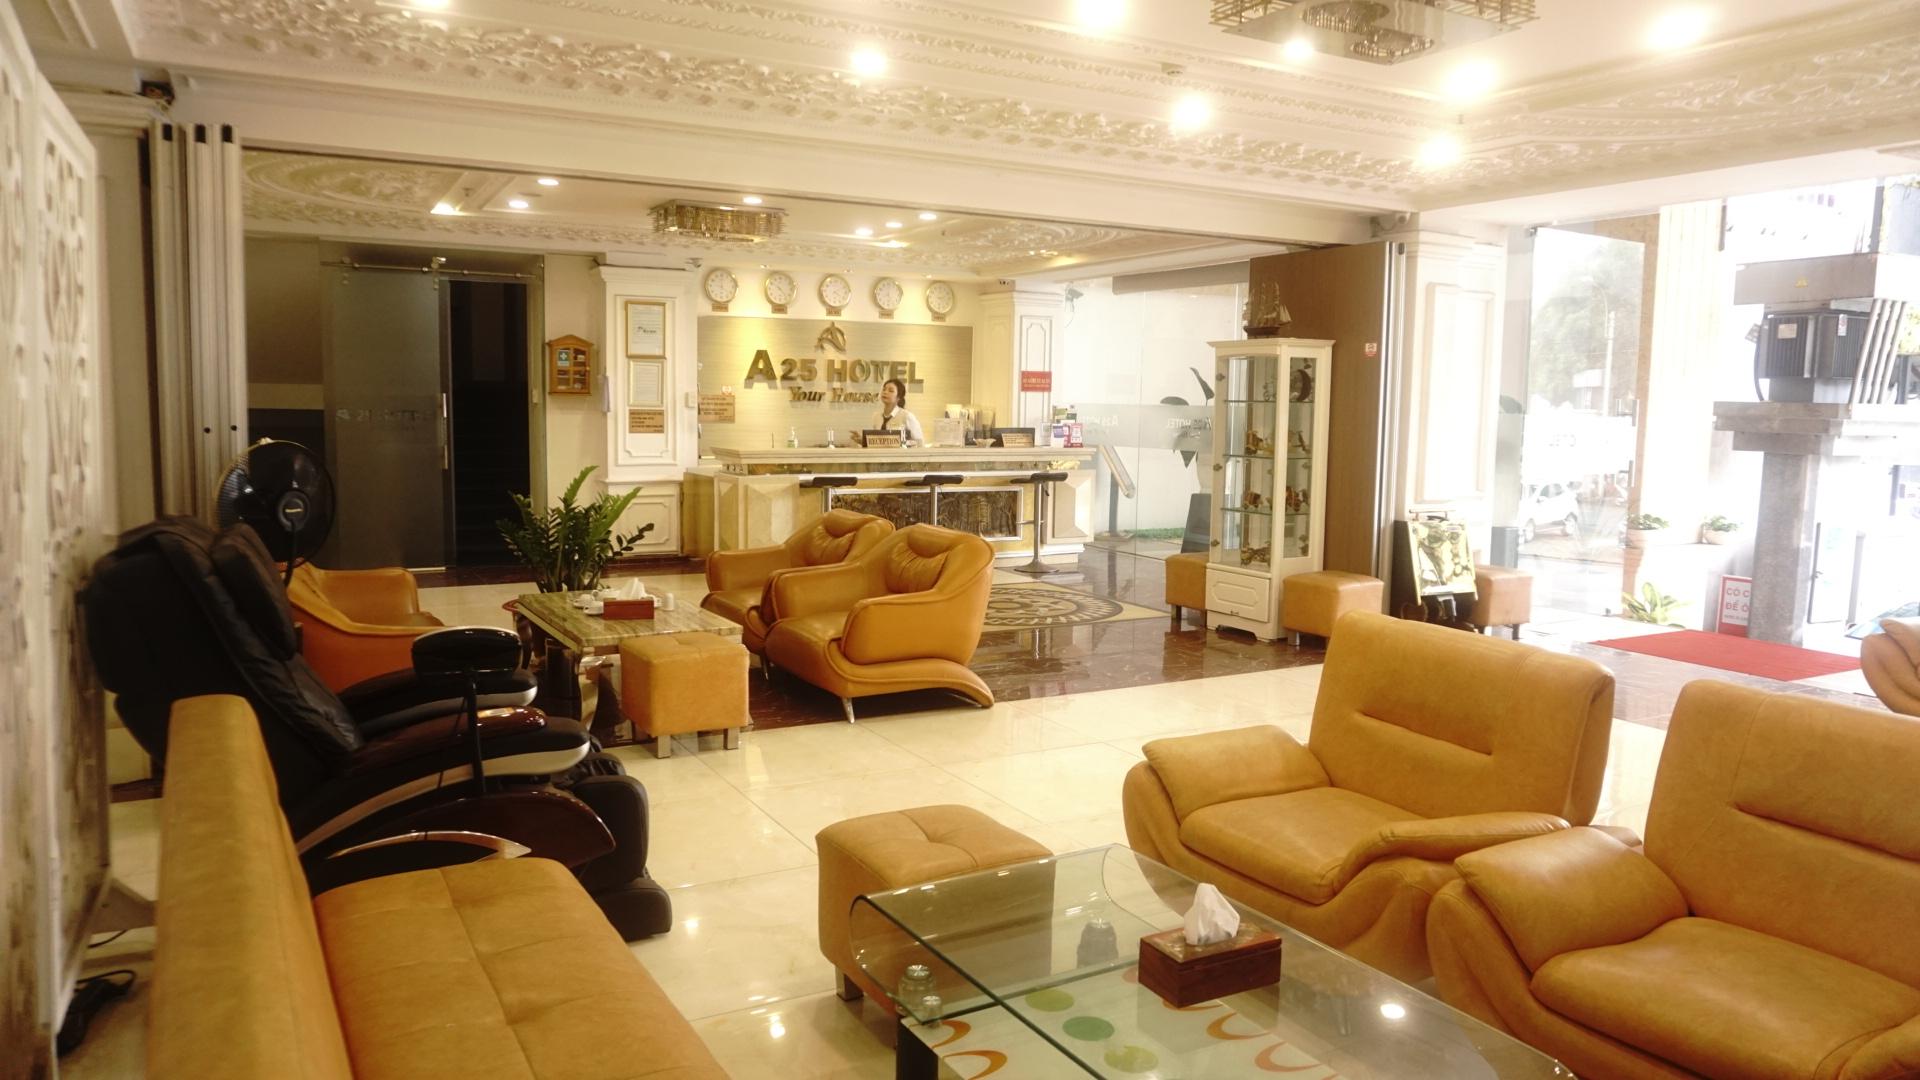 A25 Hotel - 145 Lê Thị Riêng (3 sao - quận 1 - TPHCM)